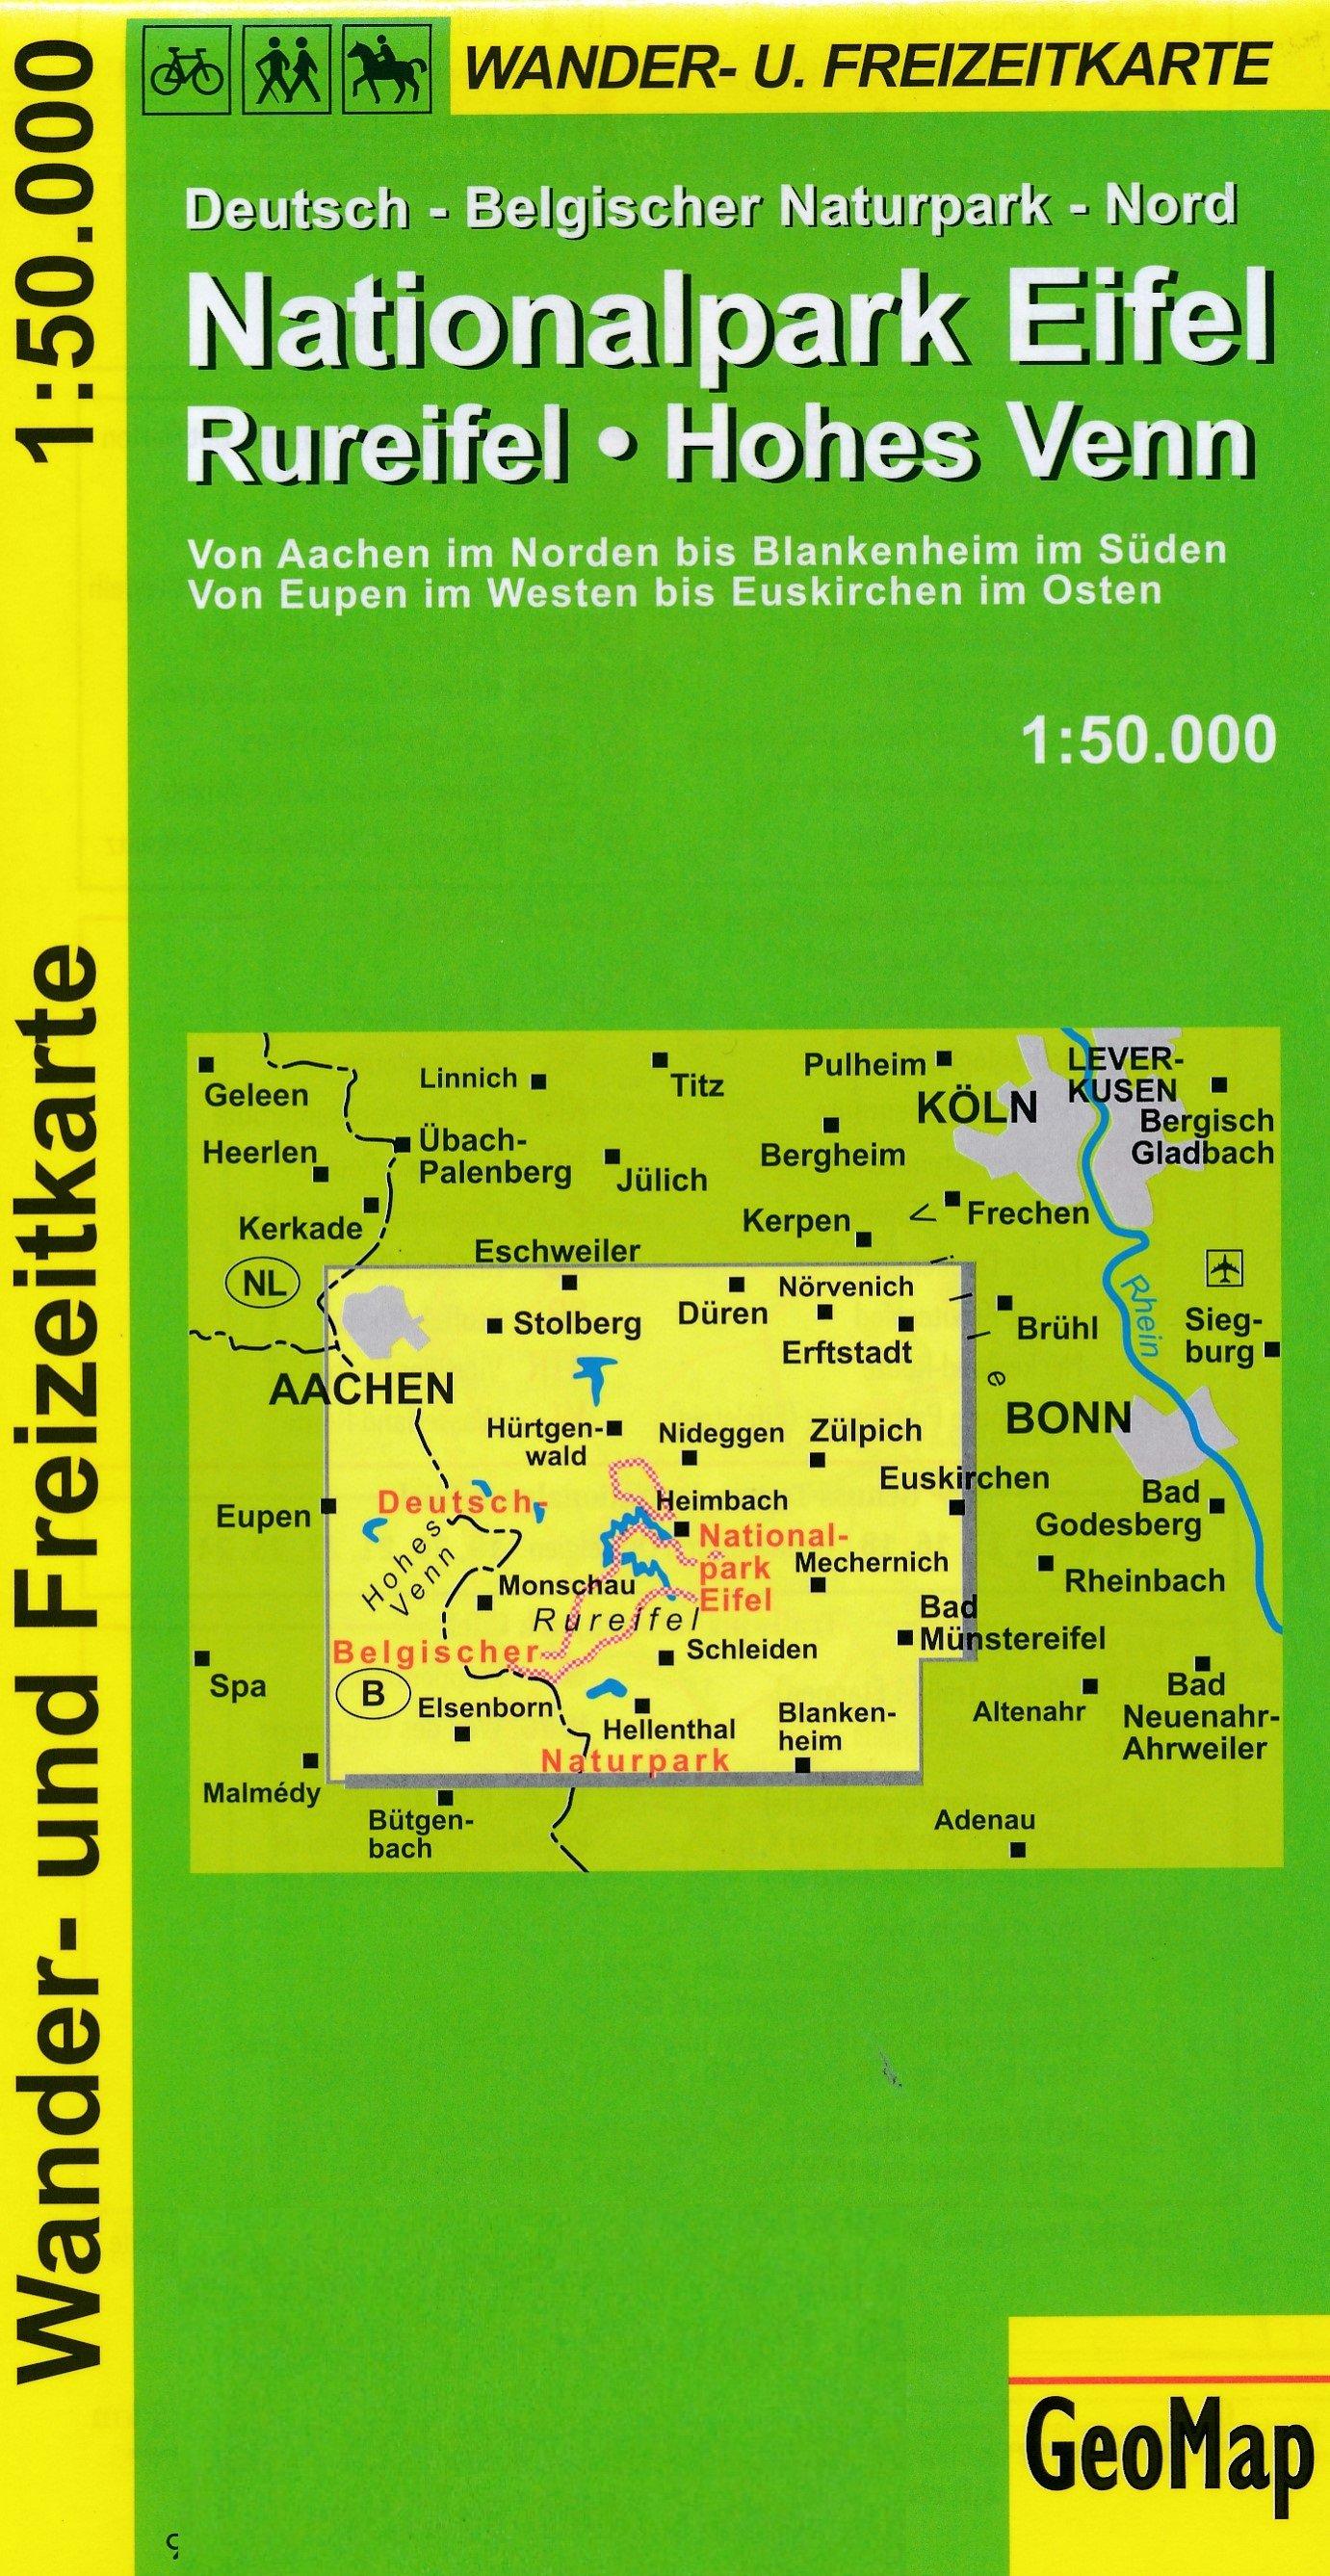 Rureifel, Hohes Venn 1:50.000 9783933671110  GeoMap Wandelkaarten Eifel  Wandelkaarten Eifel, Moezel, Rheinland-Pfalz